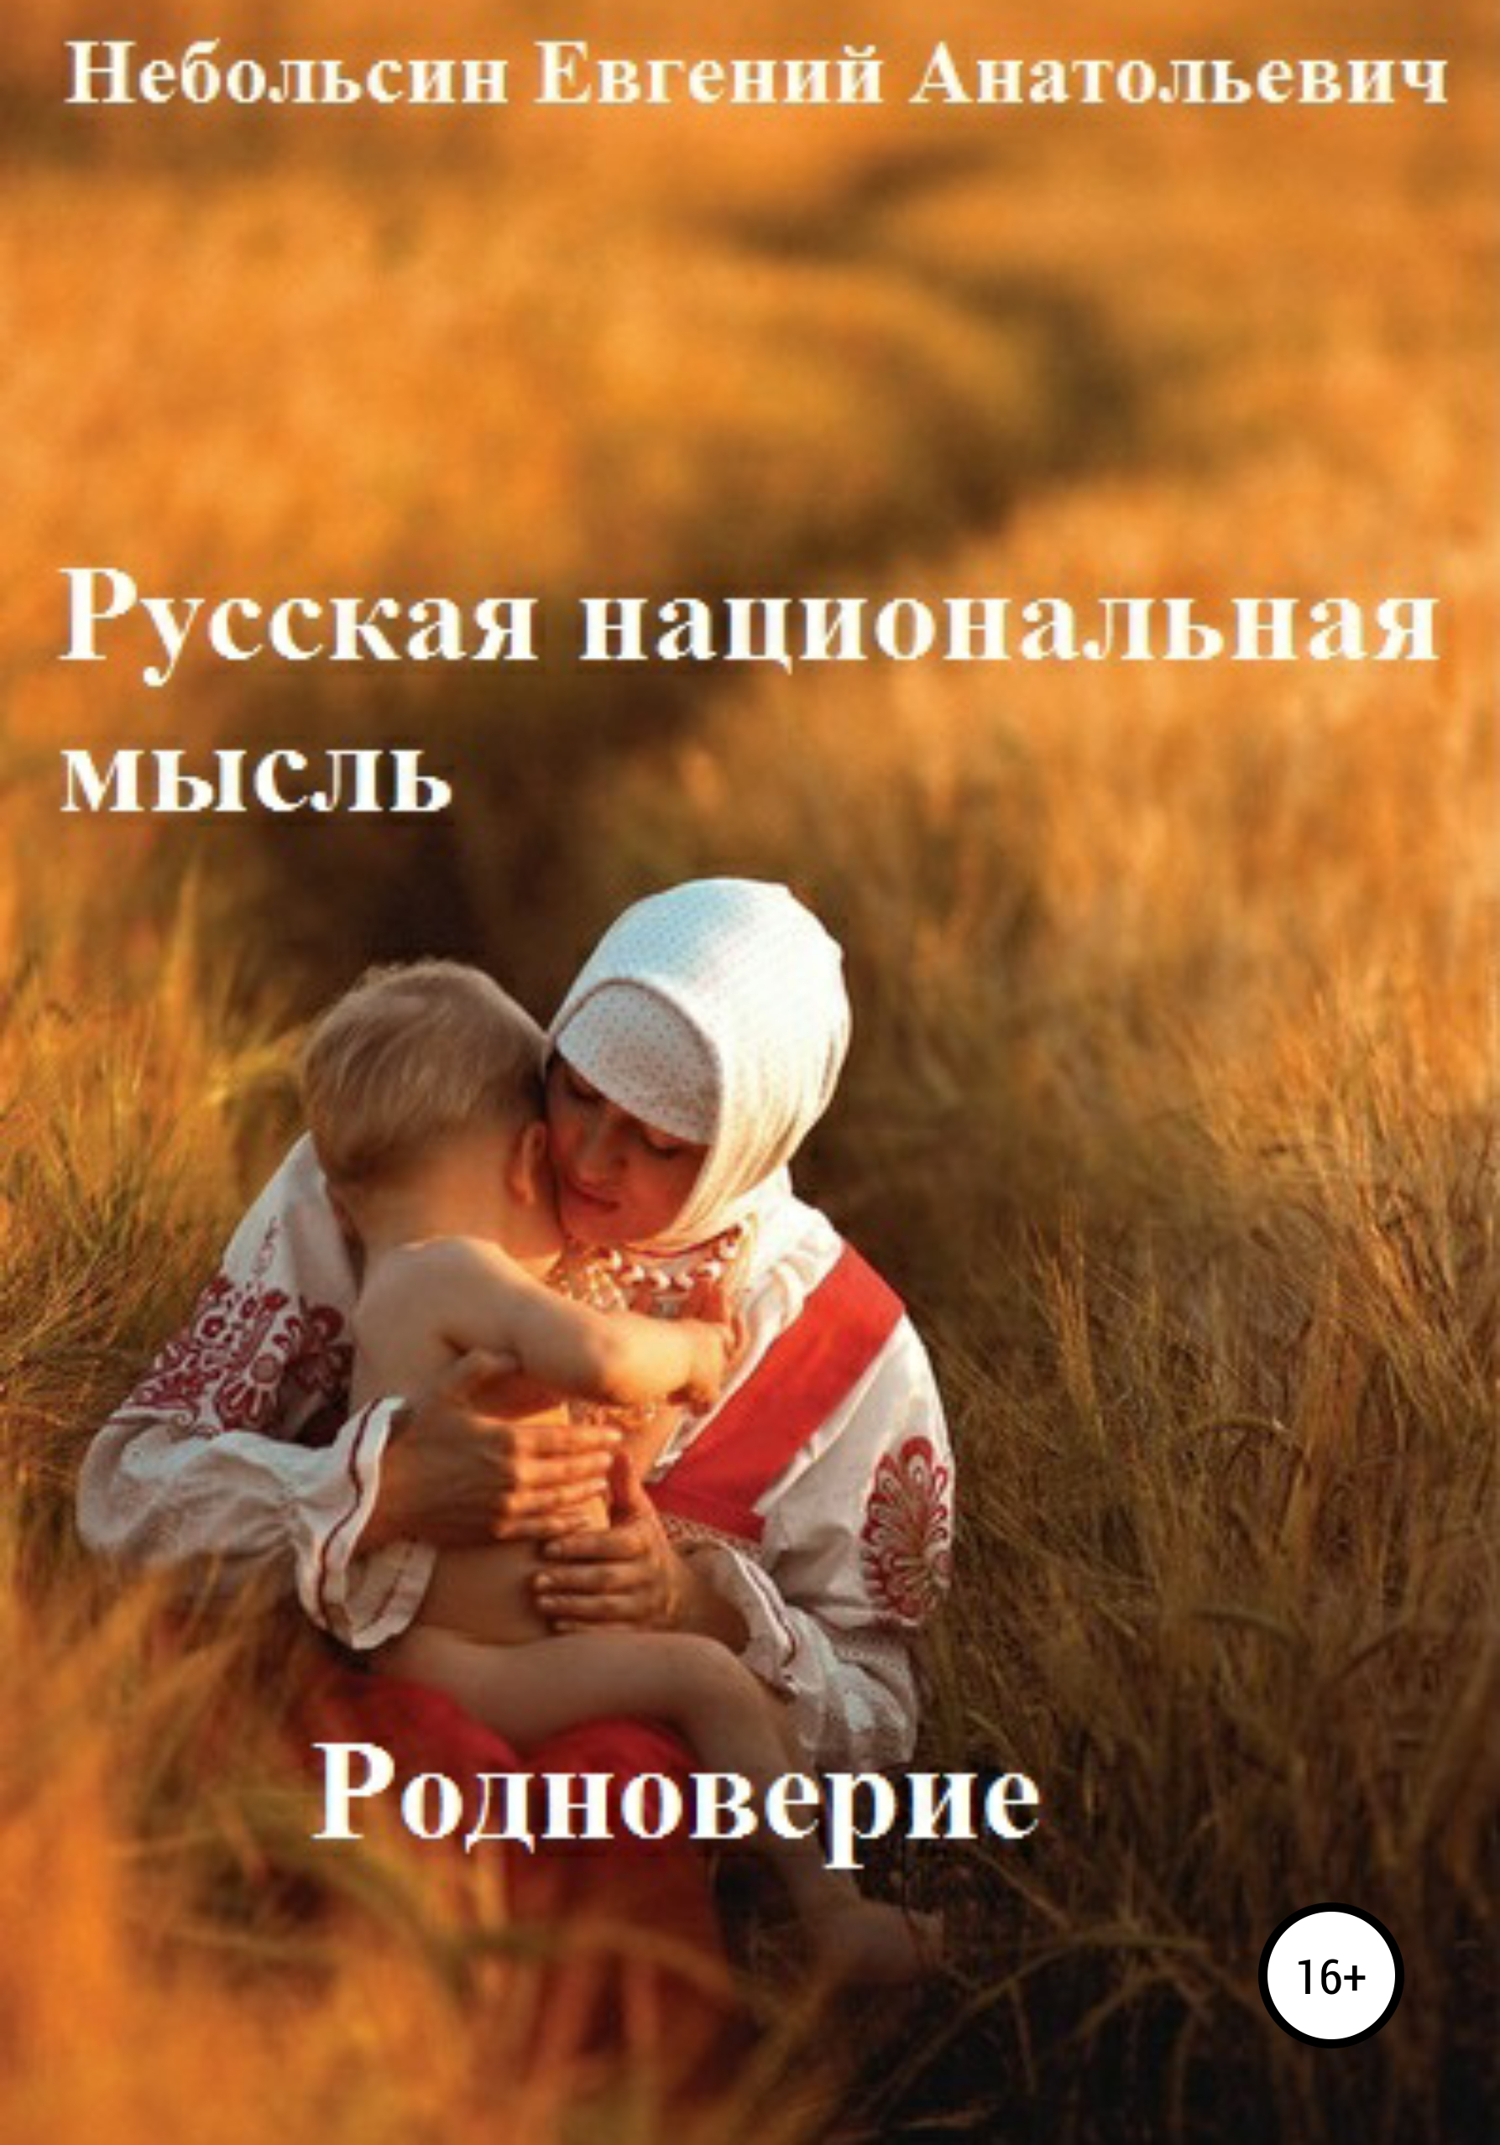 Русская национальная мысль. Родноверие ( Евгений Анатольевич Небольсин  )